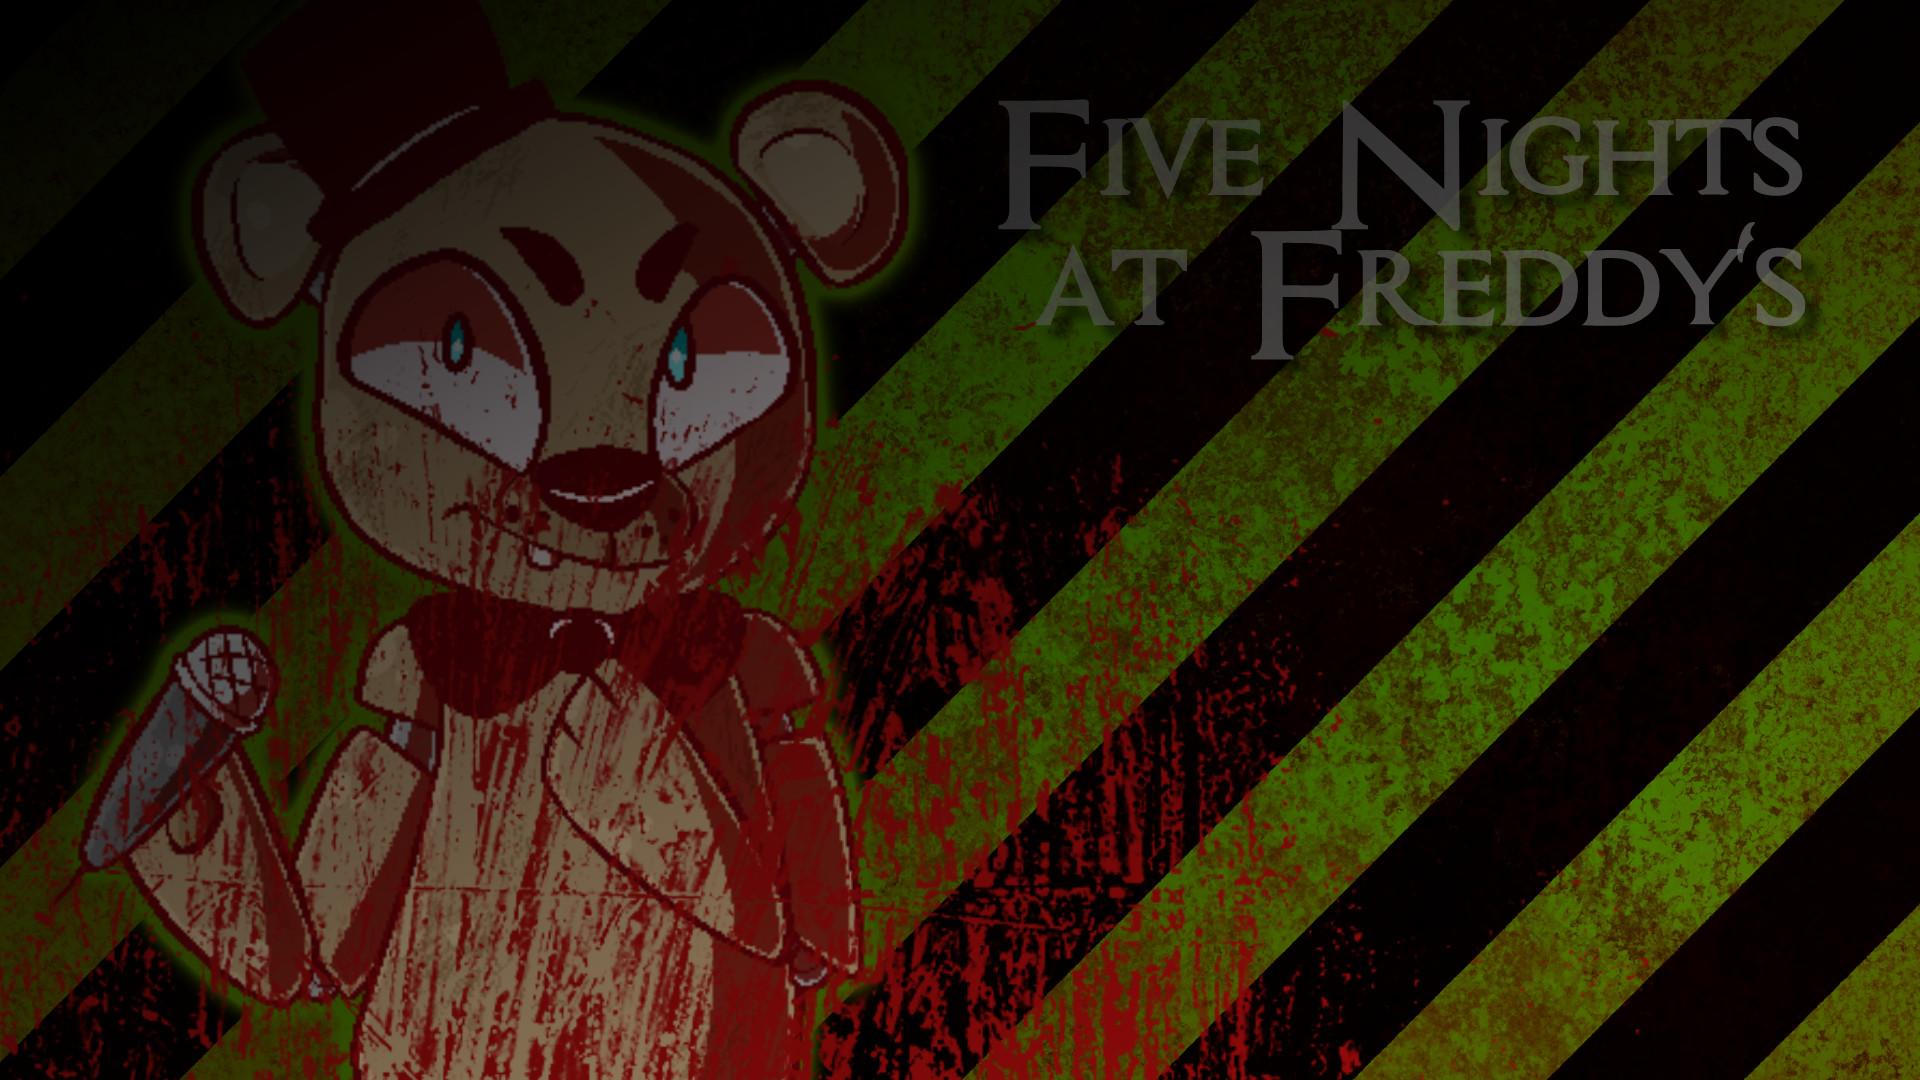 … Five Nights at Freddy's: Freddy Fazbear by AziiOne